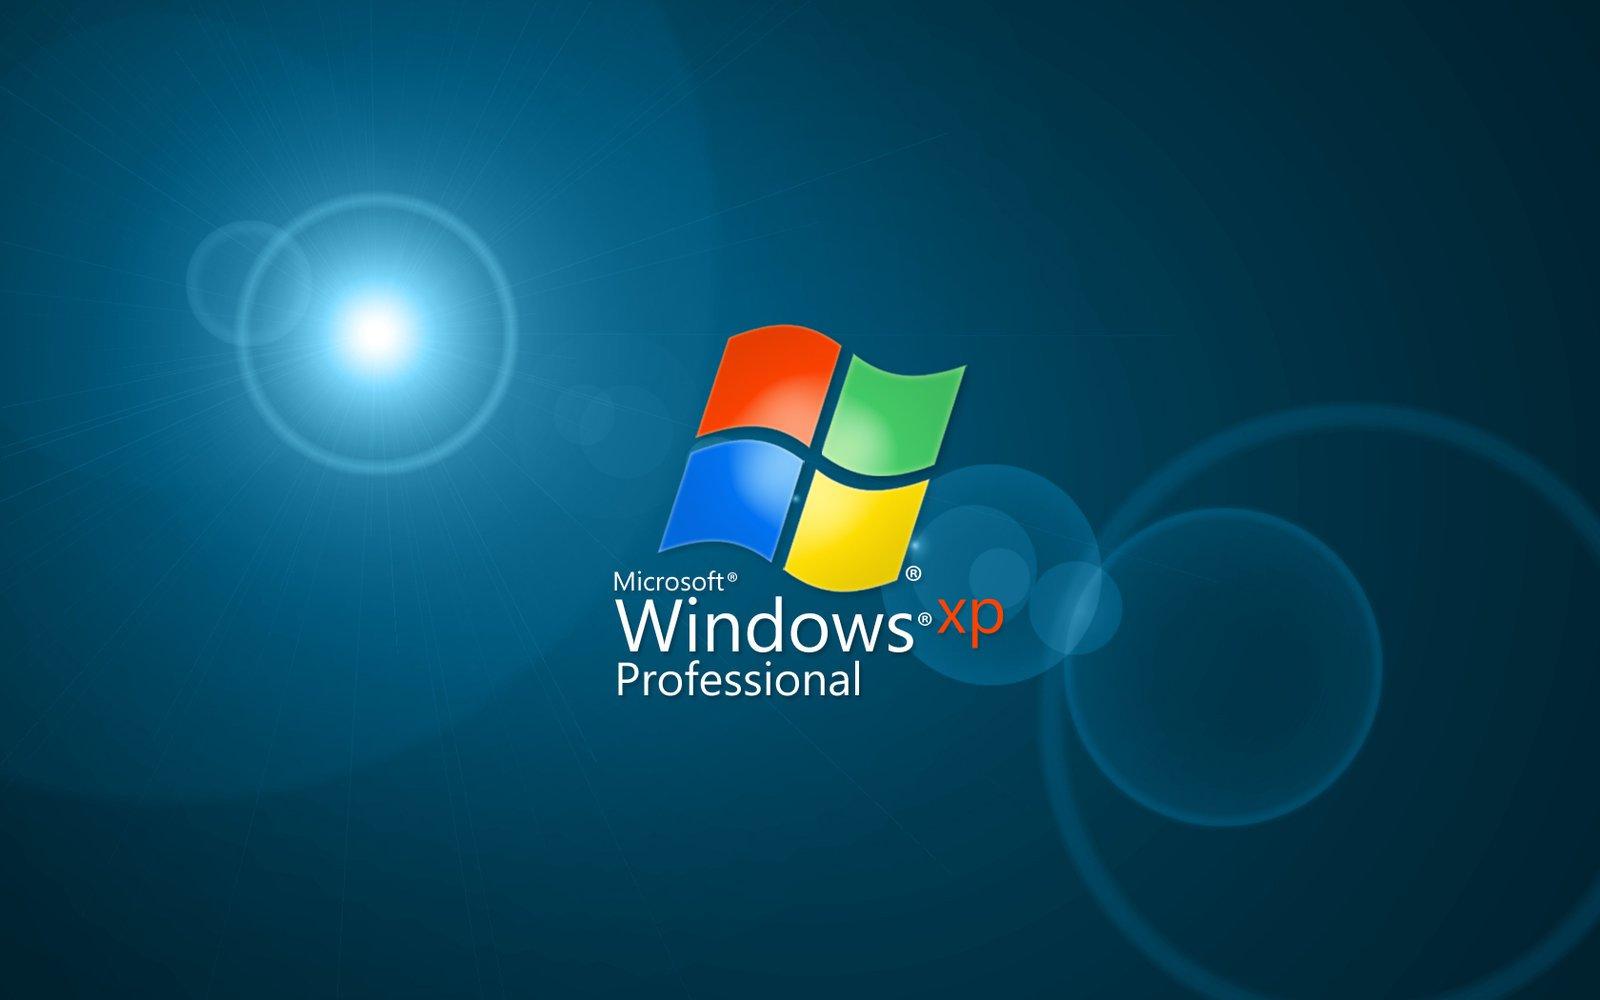 windows xp yang paling ringan untuk warnet